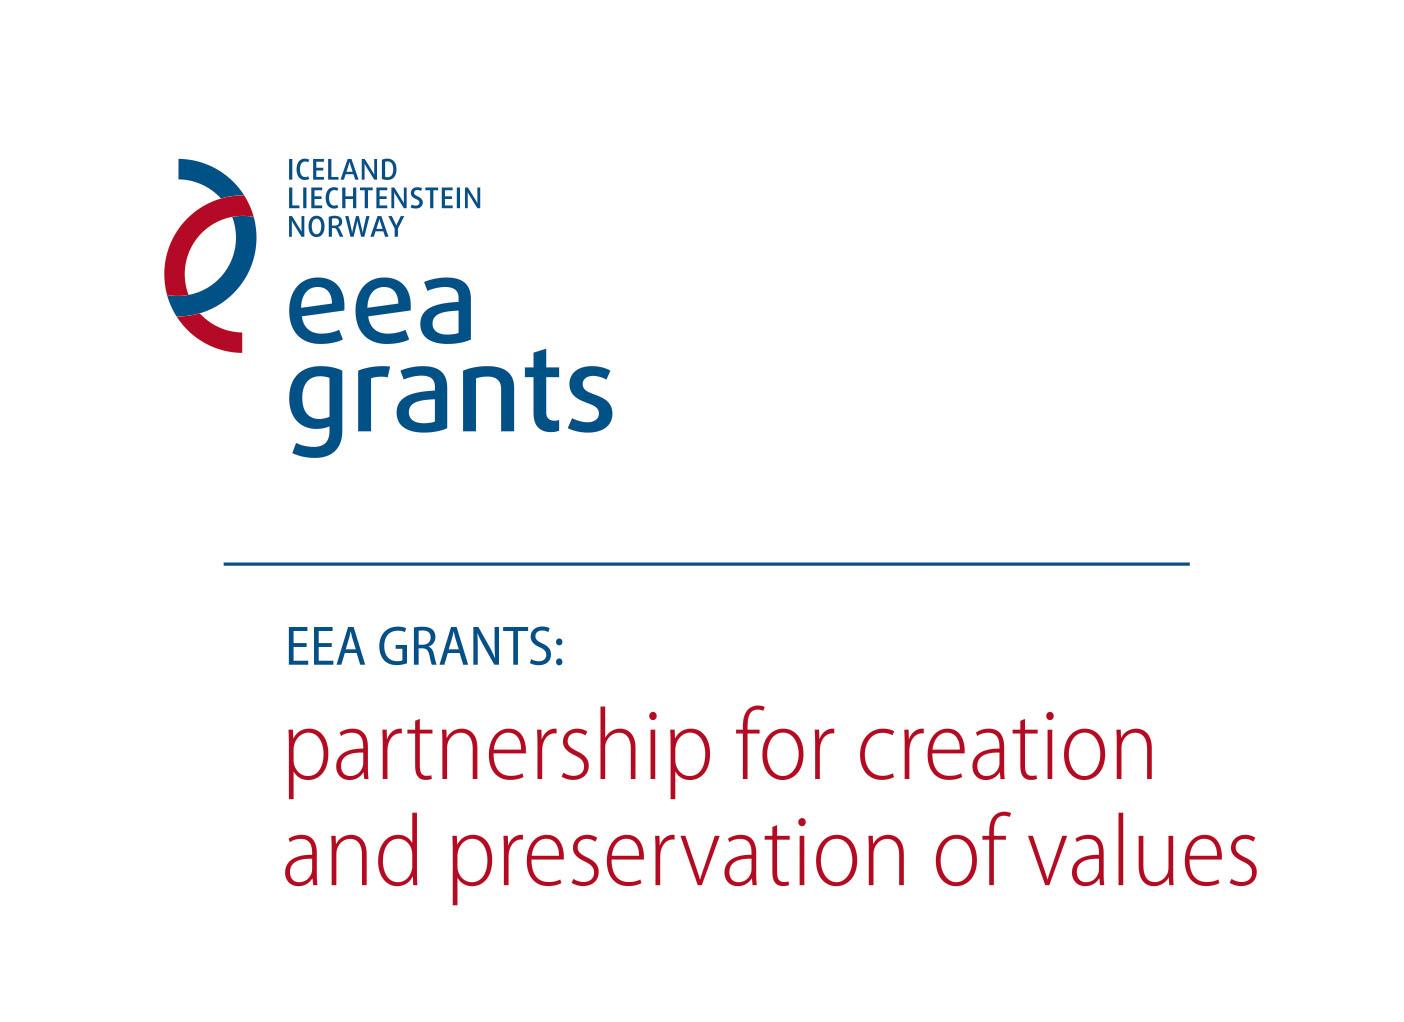 eea_grants_logos_v_en_jpg1_jpg